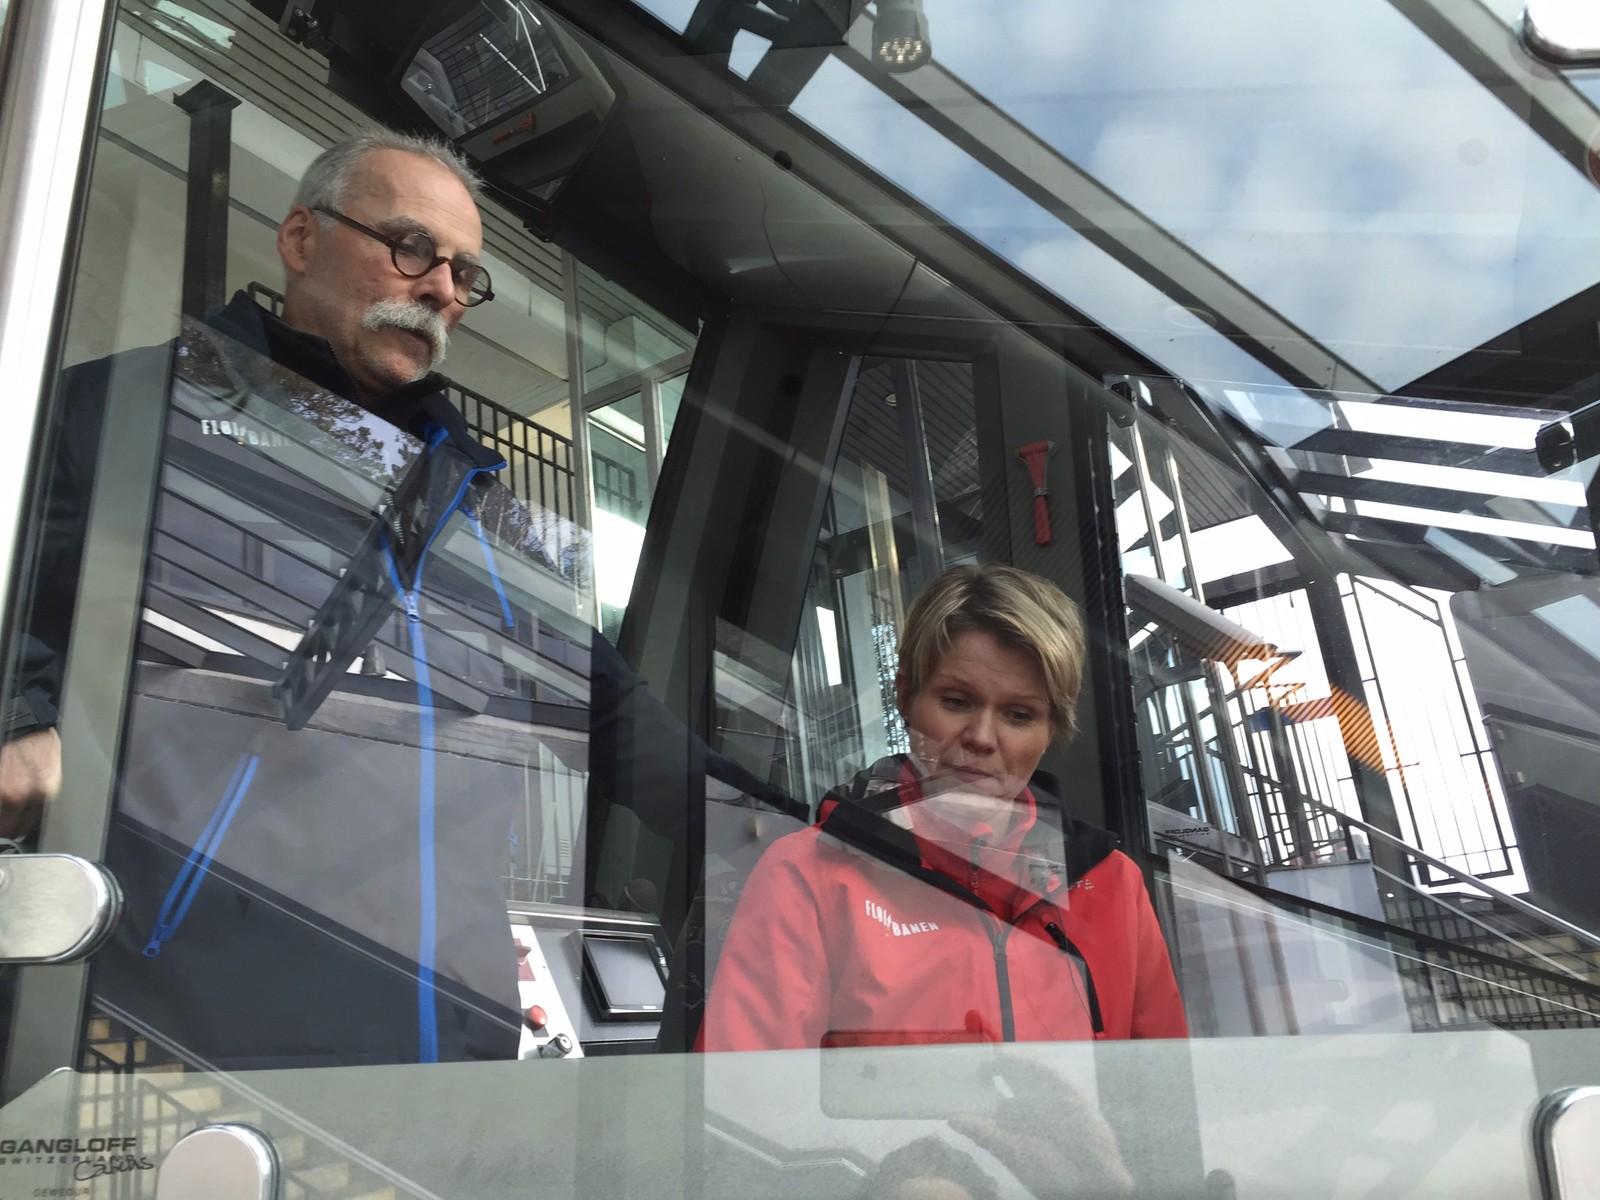 FÅR INSTRUKSJON: Direktør Anita Nybø får instruksjon av den erfarne vognføreren Oddvin Rye, som har jobbet på Fløibanen i over 30 år.